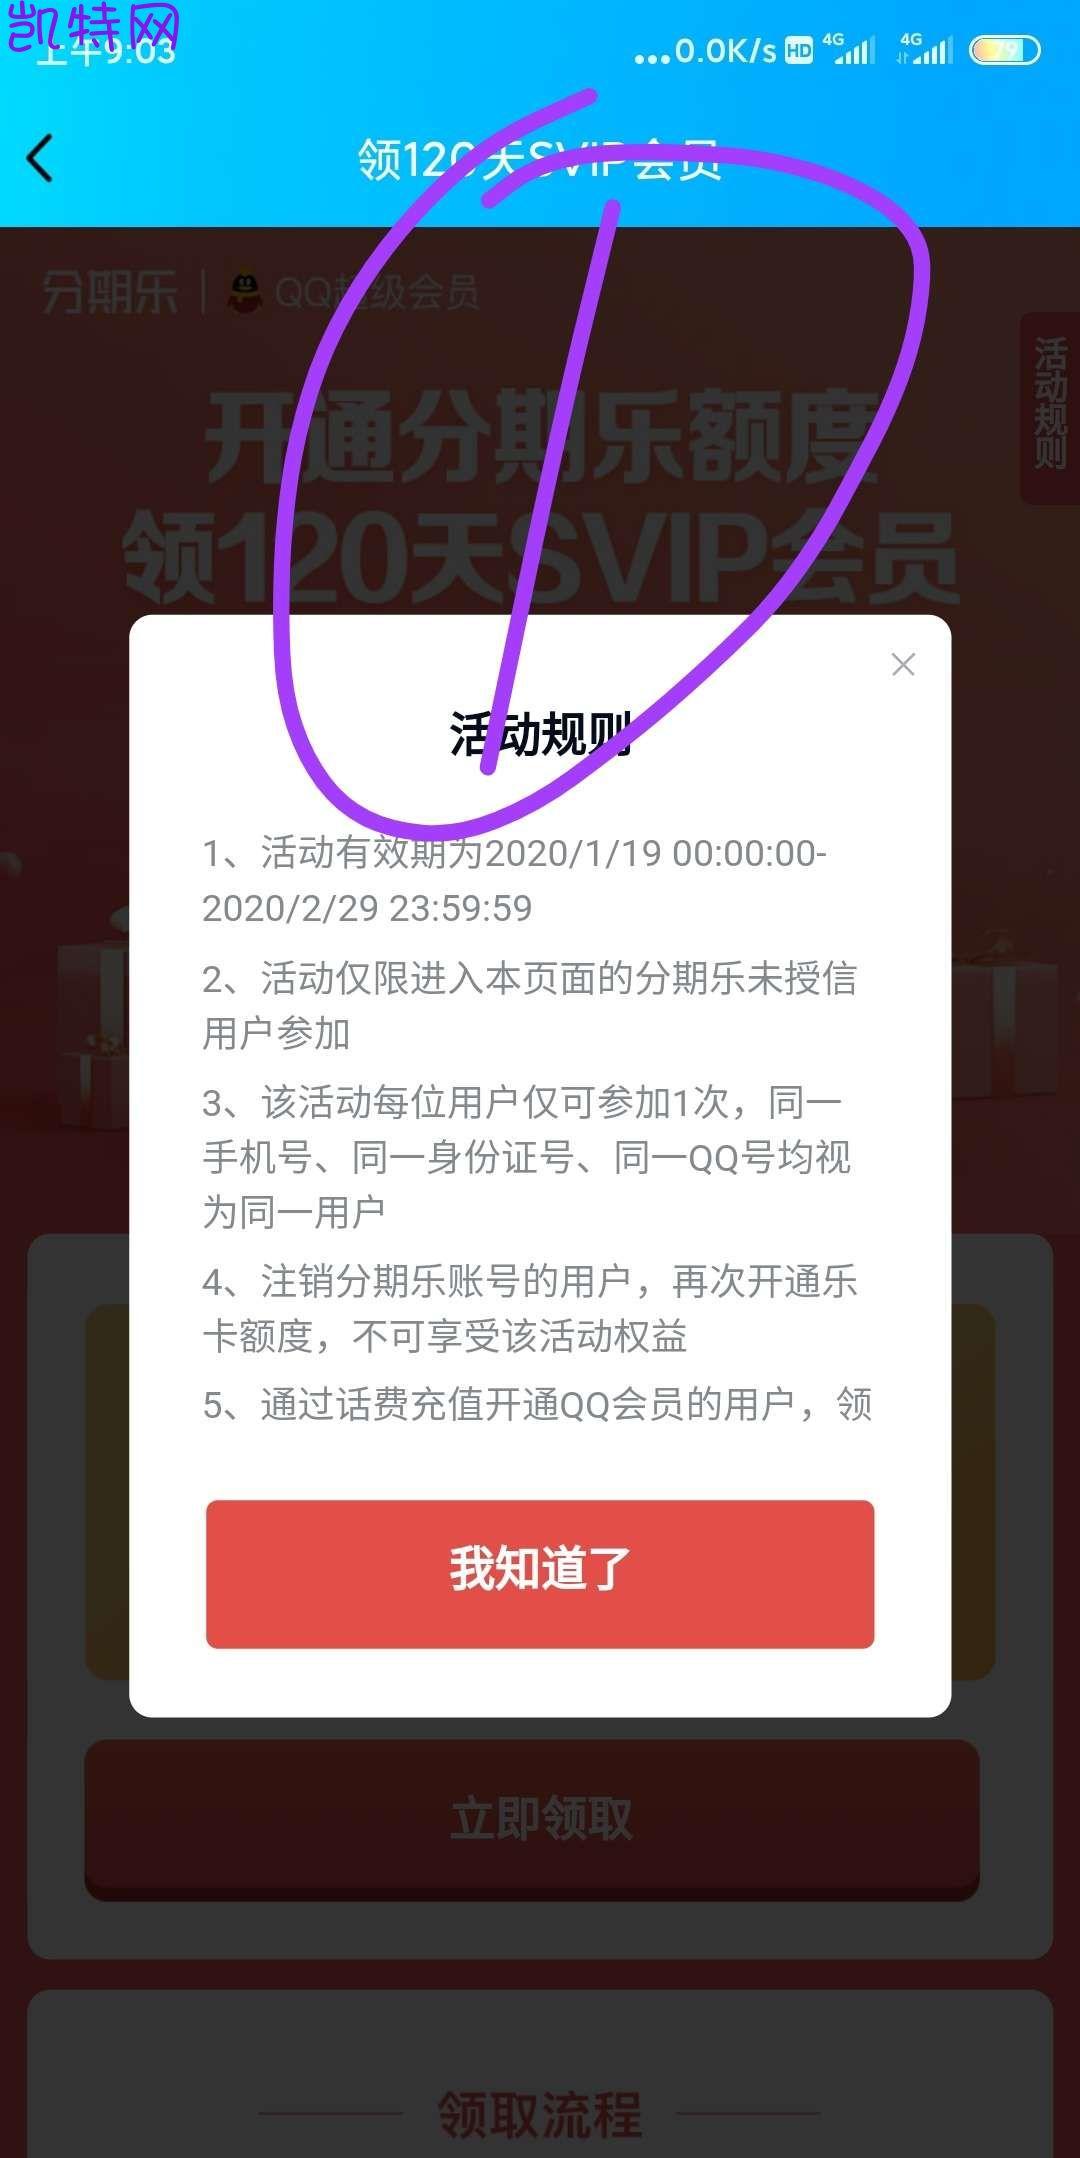 【虚拟物品】分期乐app领腾讯VIP